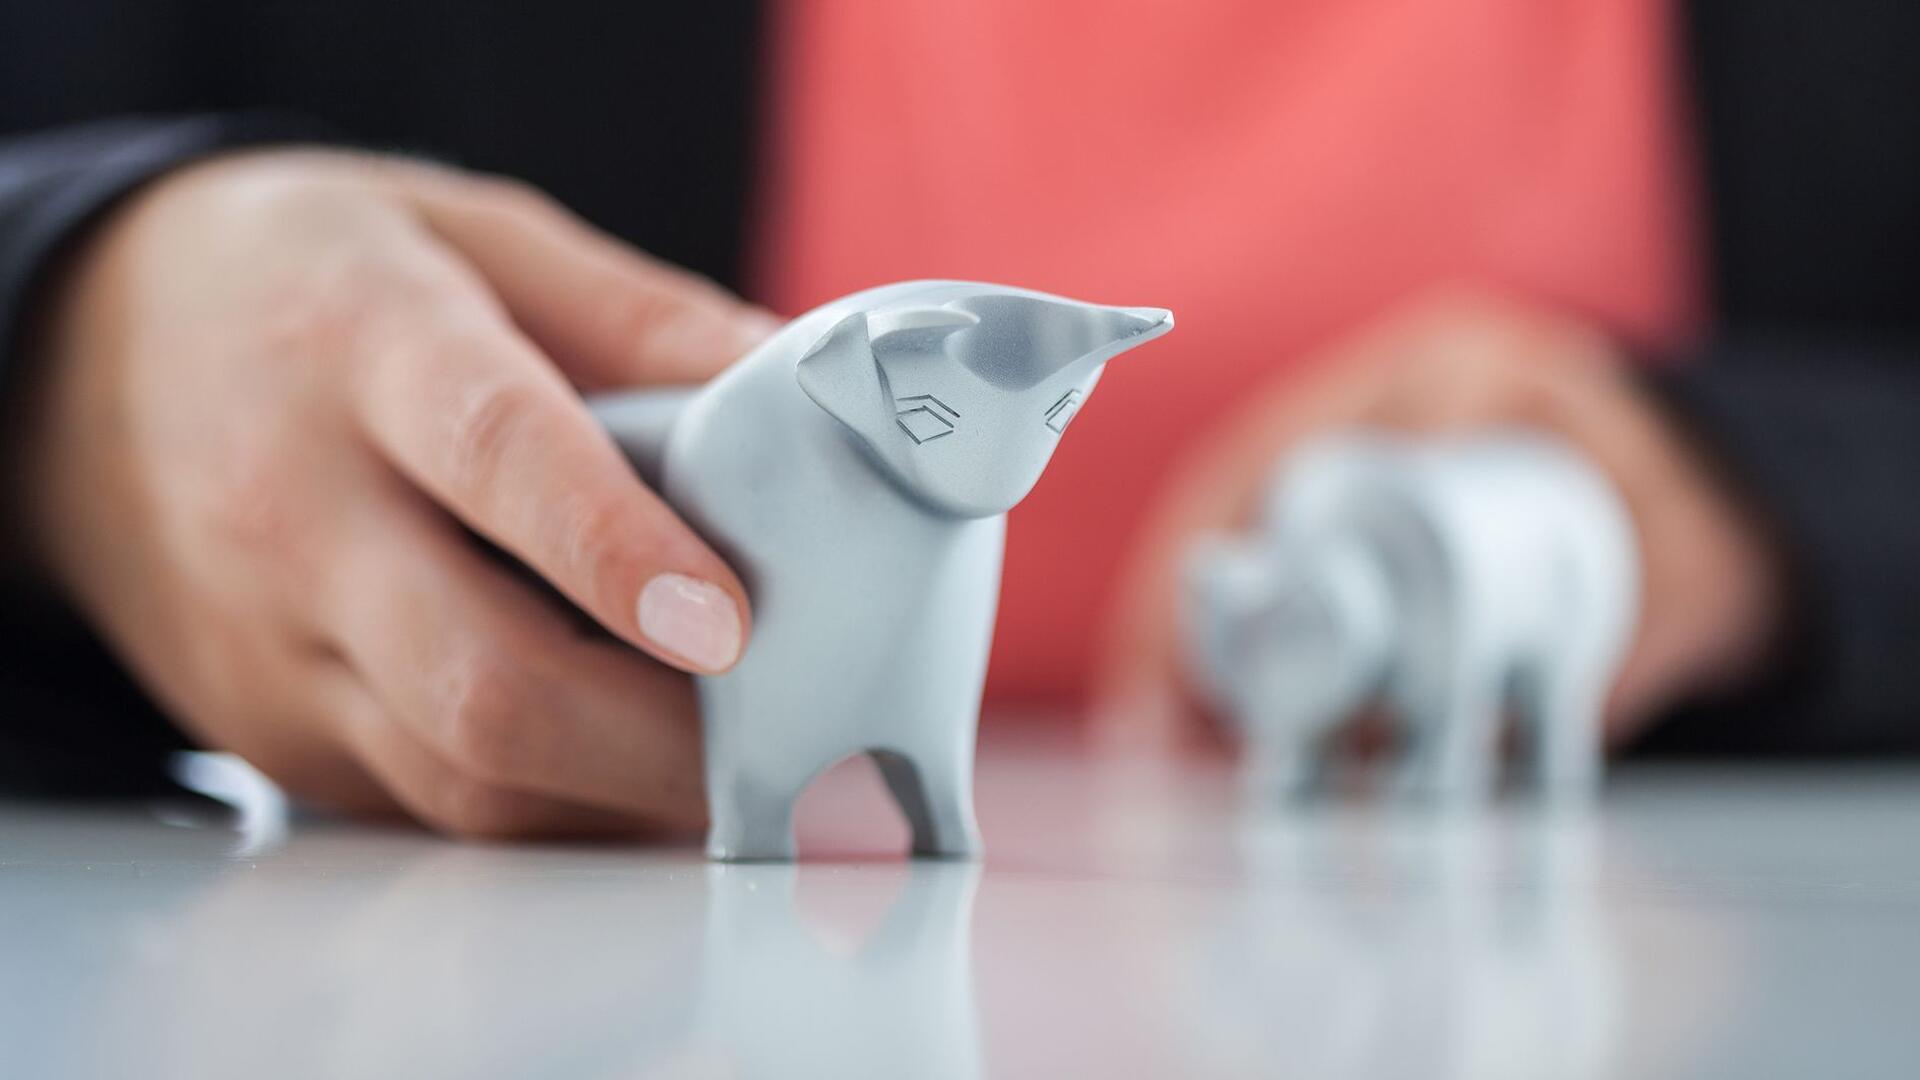 Bild zu Anlegerfehler vermeiden - Geldanlage beginnt im Kopf